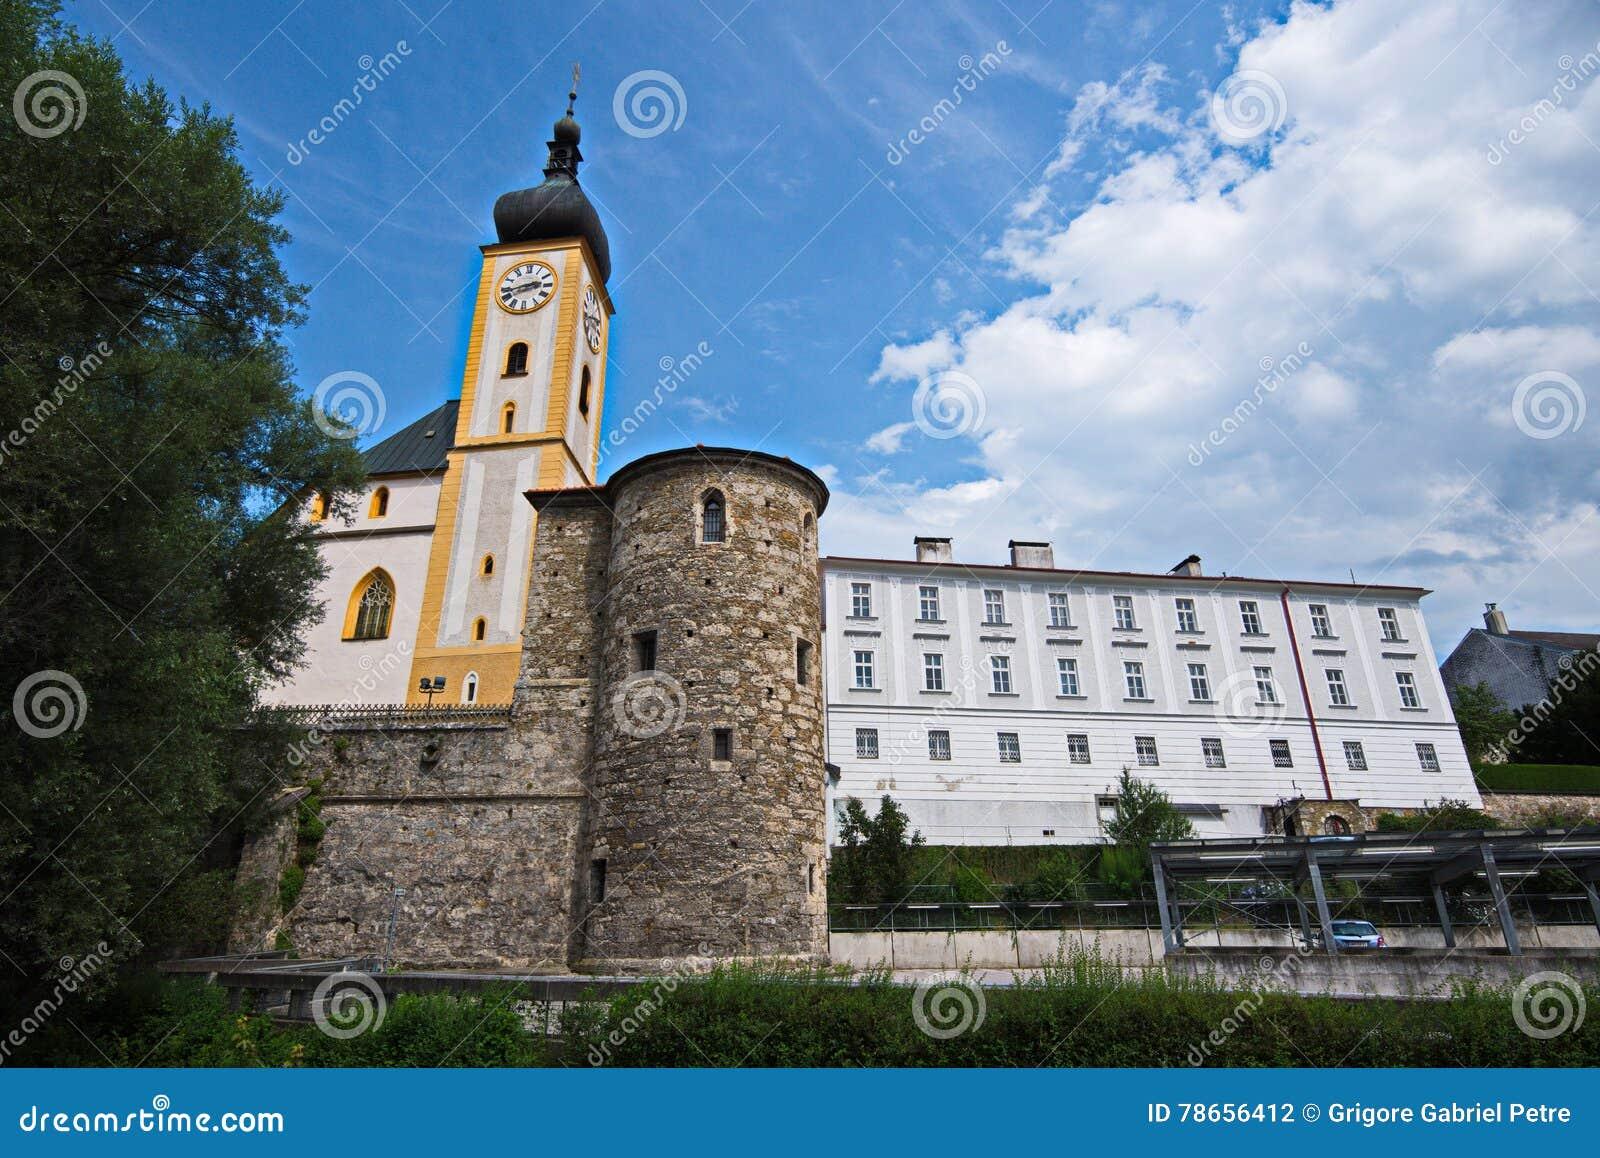 Schloss Rothschild - slott i Österrike